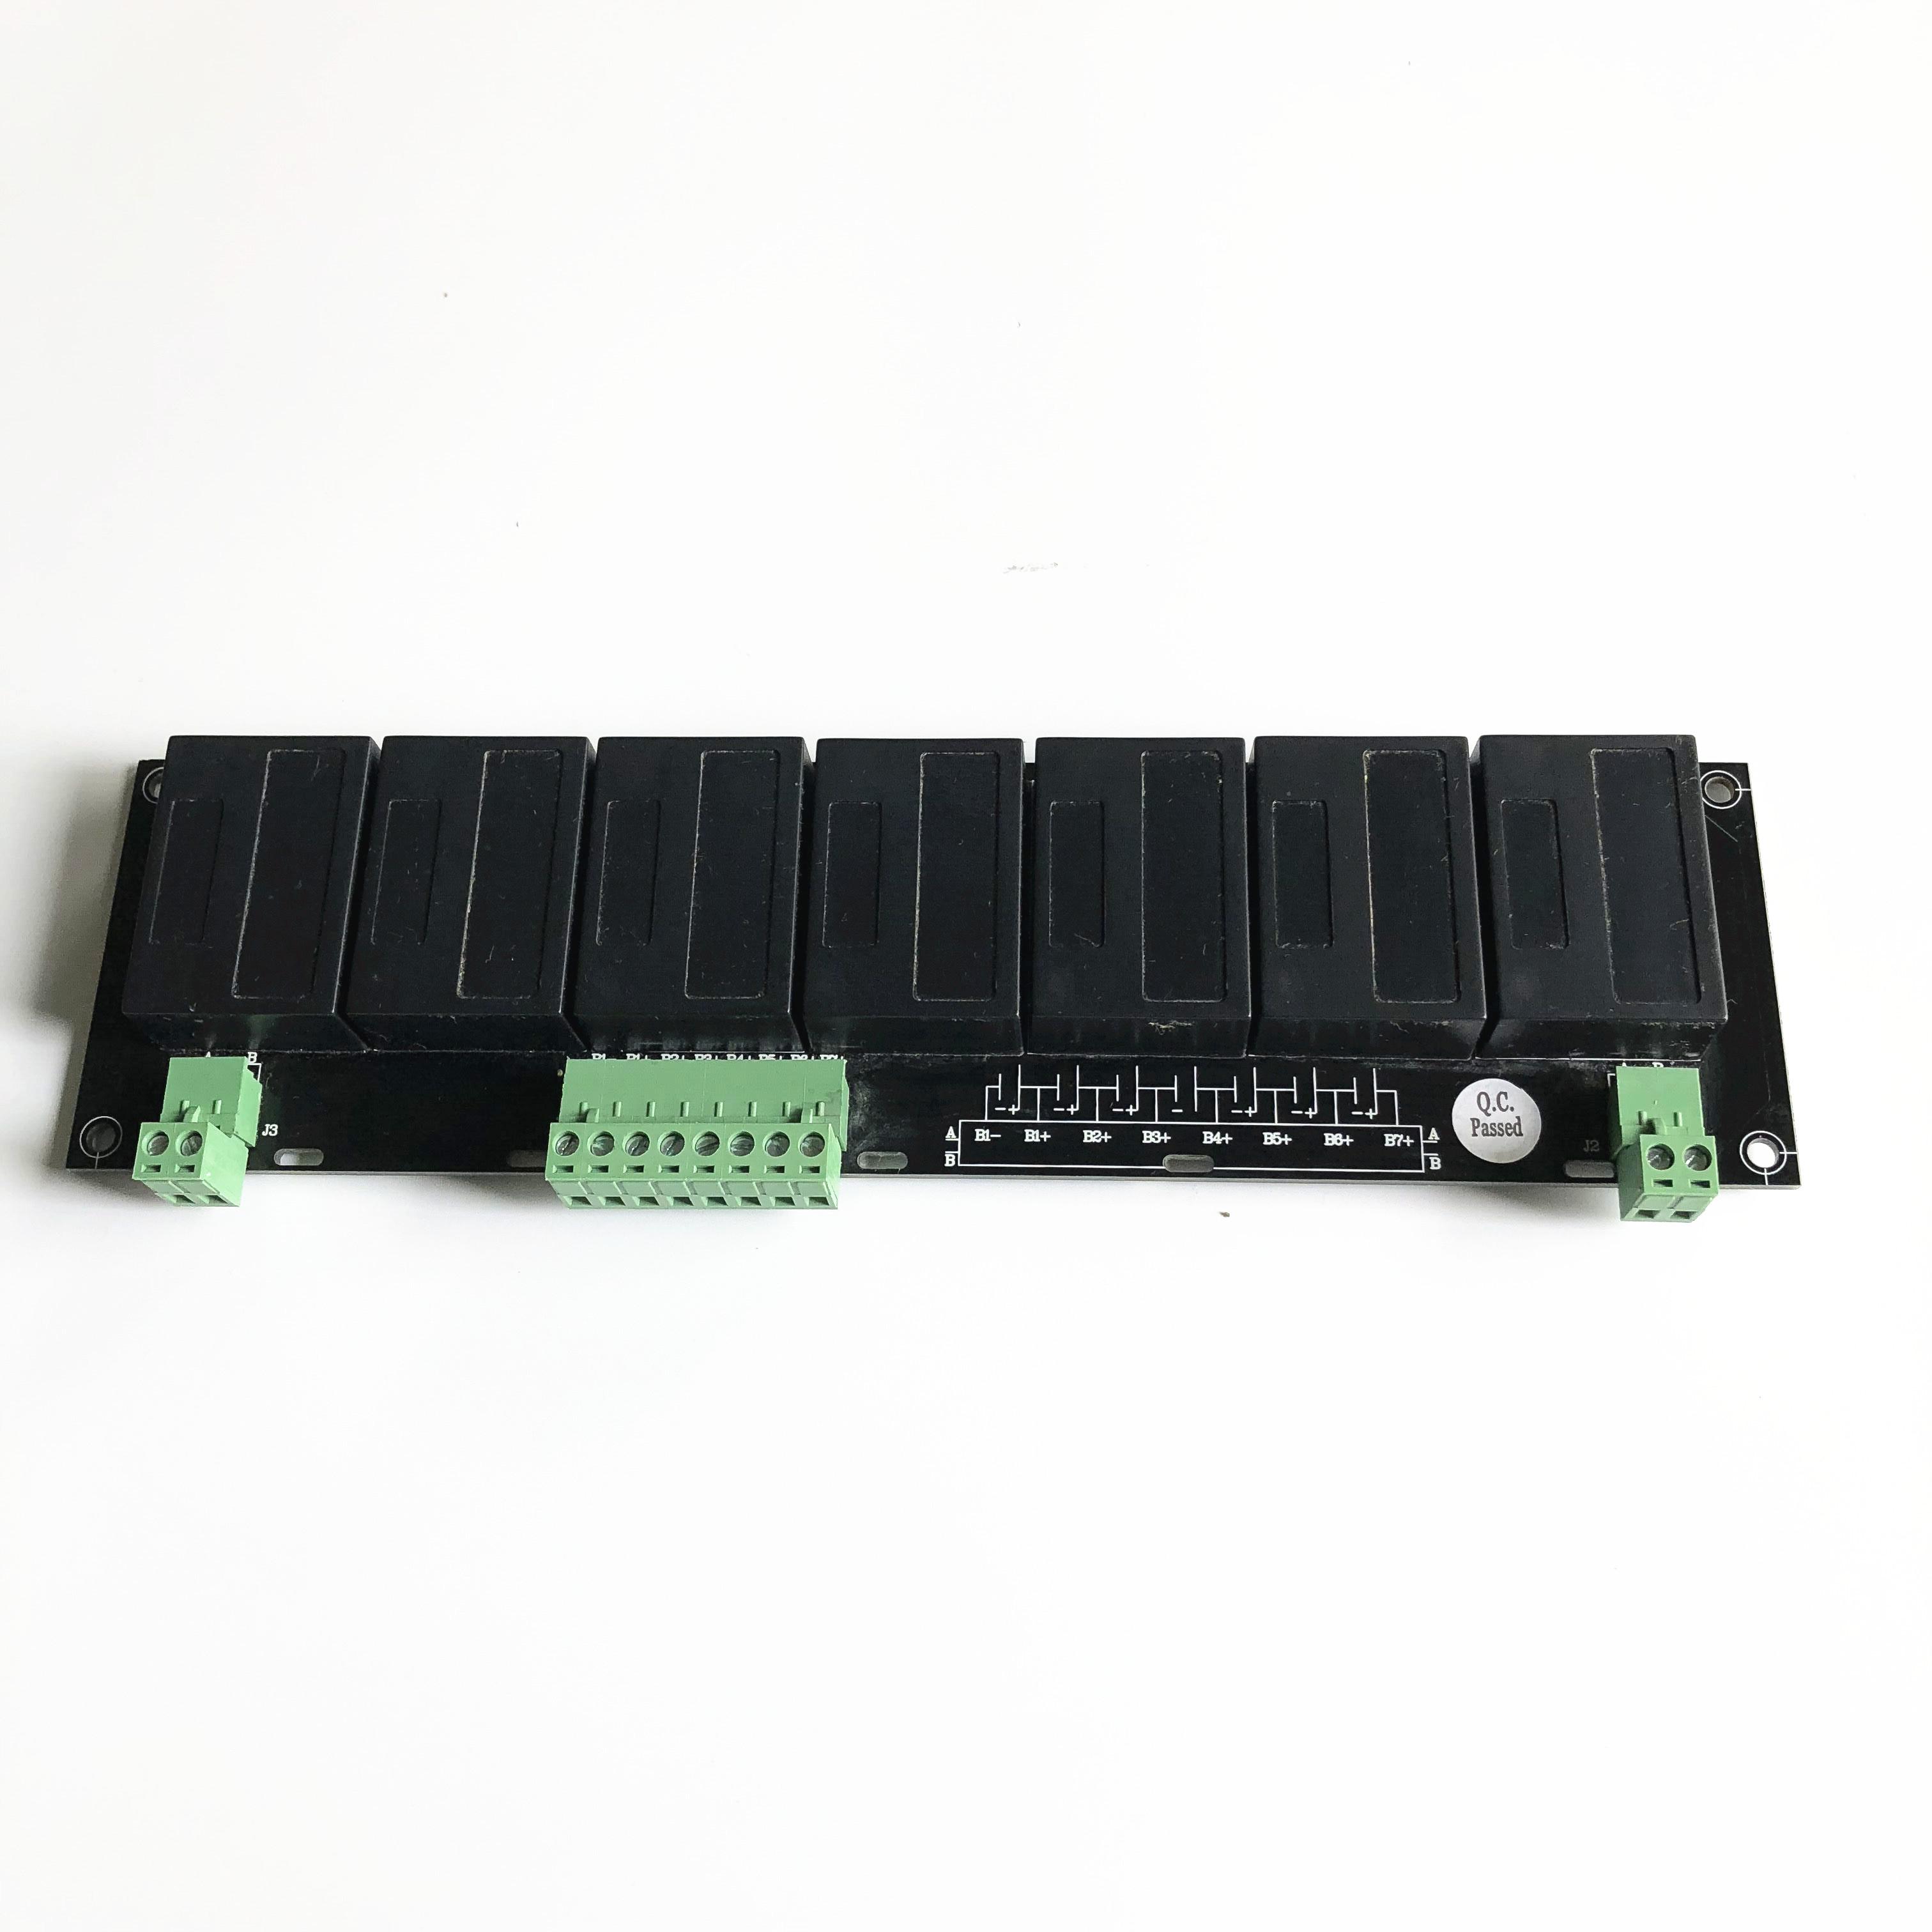 96v Ups Storage Battery Balancer Lto Multicell Voltage